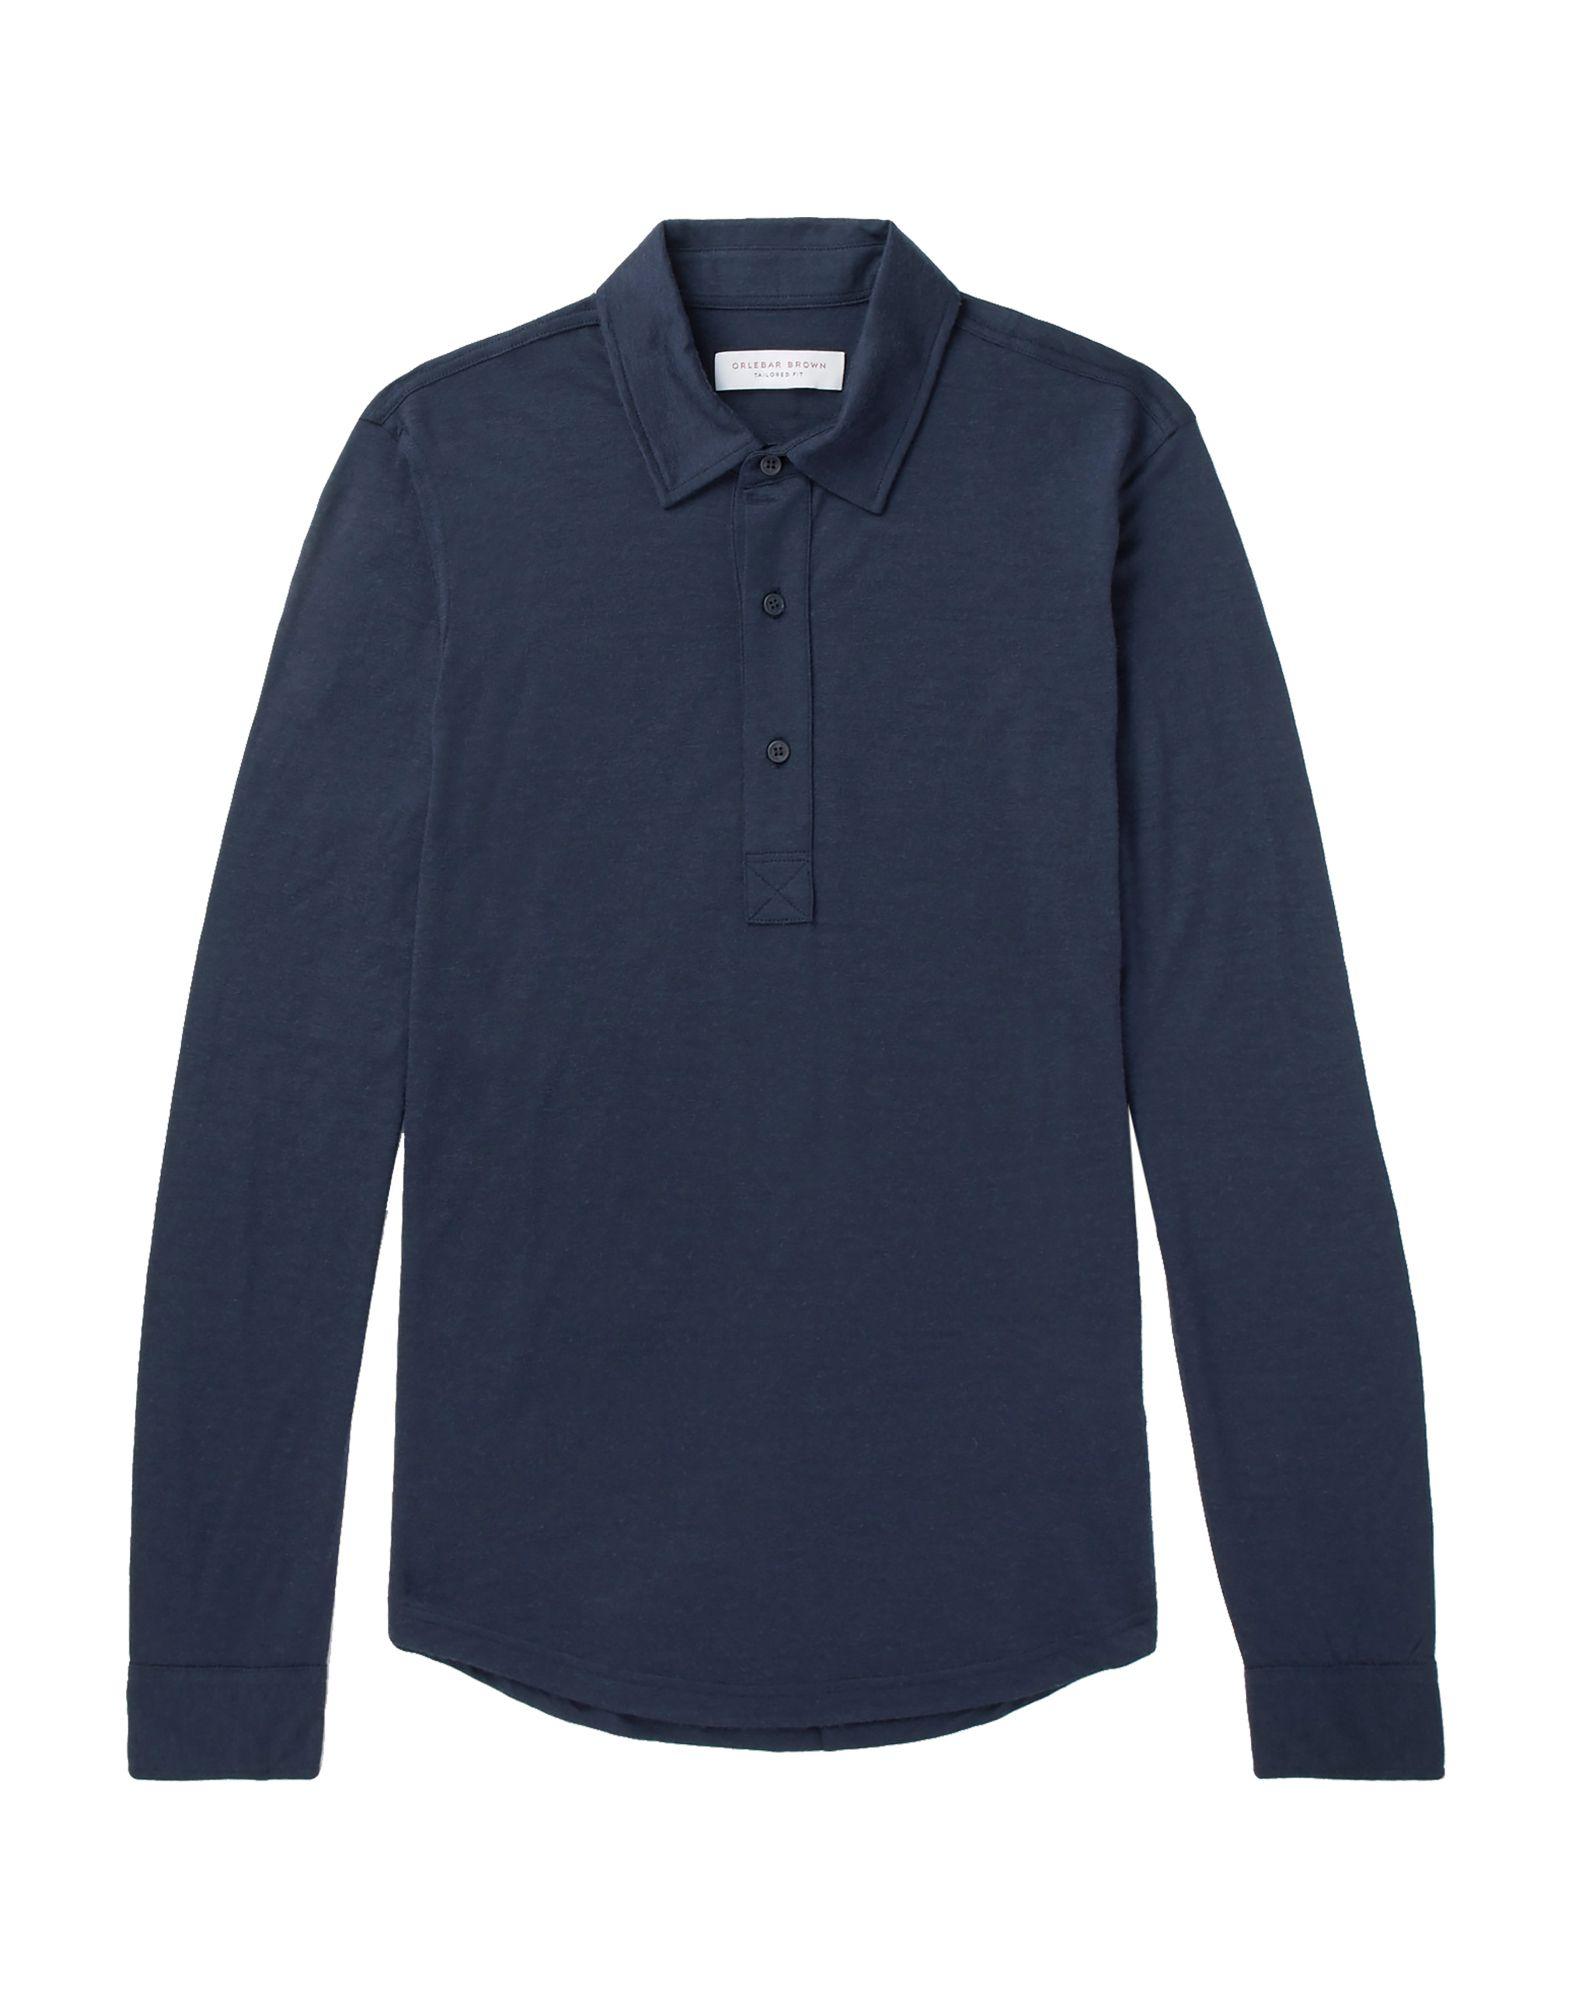 《セール開催中》ORLEBAR BROWN メンズ ポロシャツ ダークブルー M ウール 100%